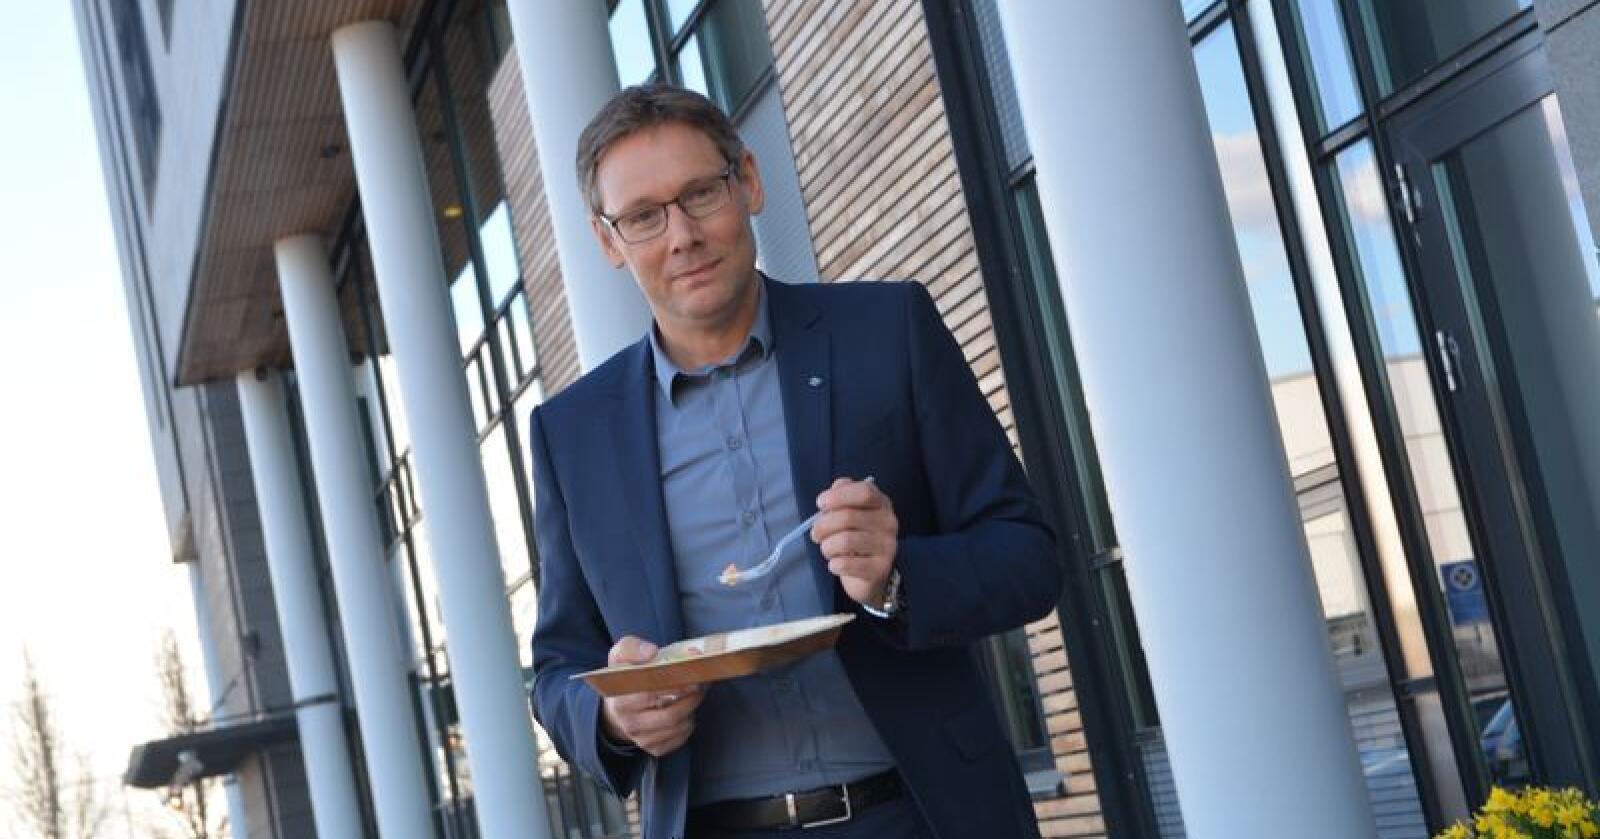 Det arbeides godt i Nortura, og konsernsjef Arne Kristian Kolberg er optimist. – Jeg ser en aktiv eierorganisasjon som vil ha raskere resultater, sier Kolberg.